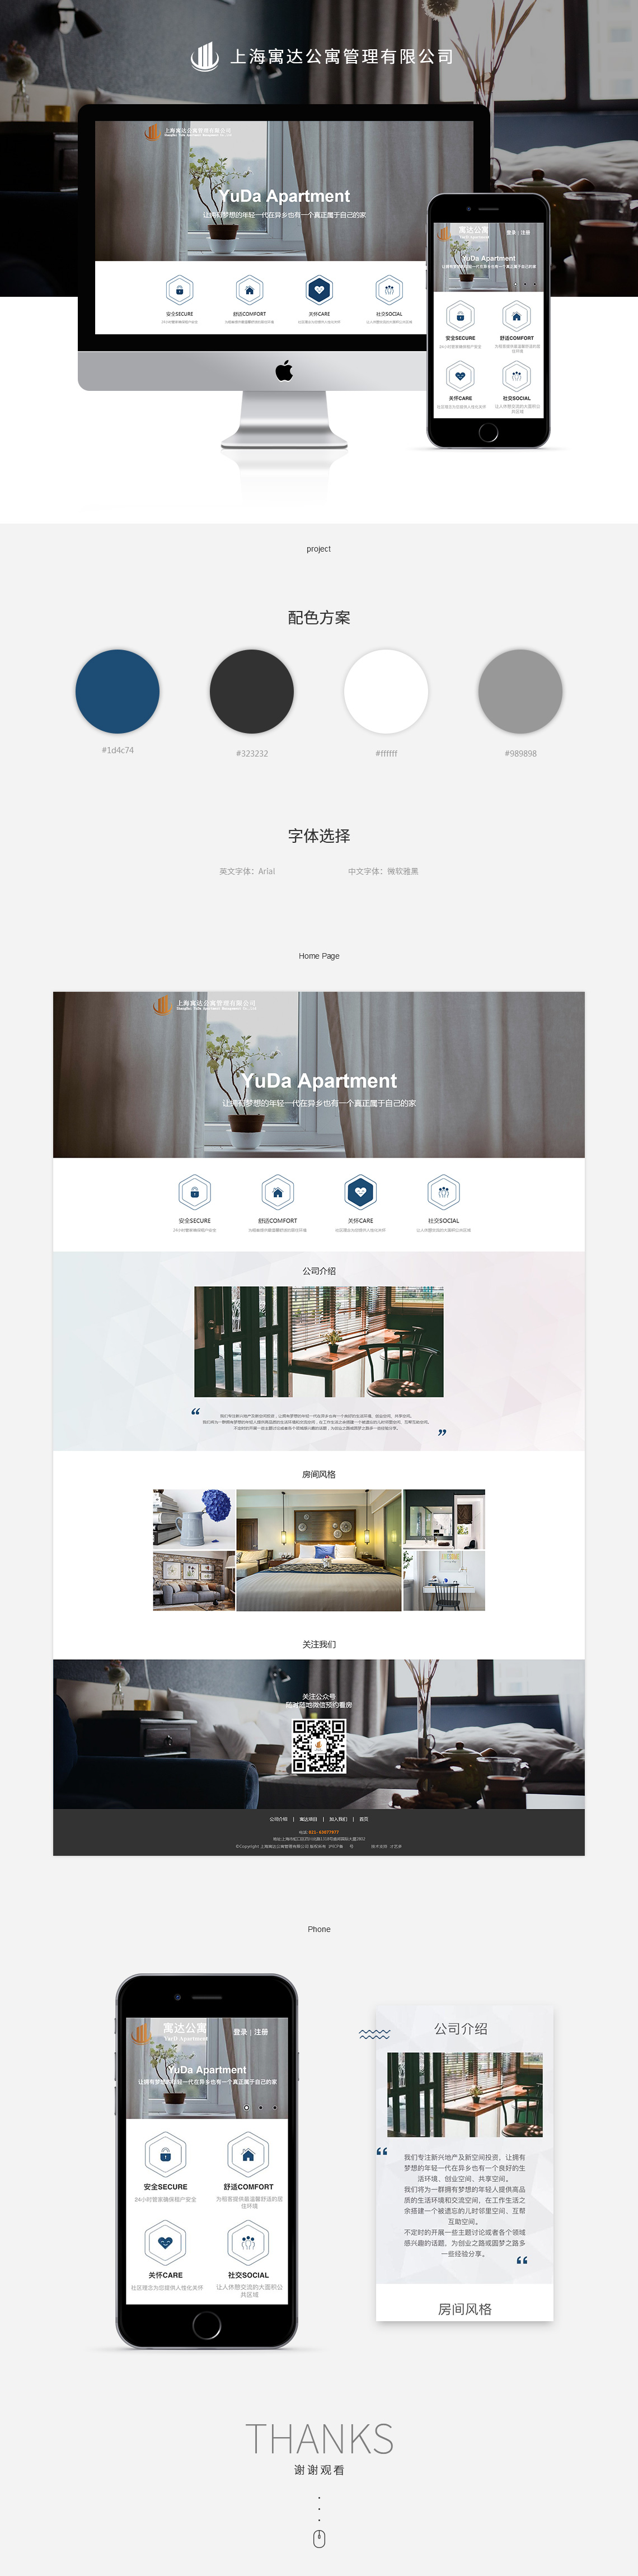 網站建設案例之寓達公寓